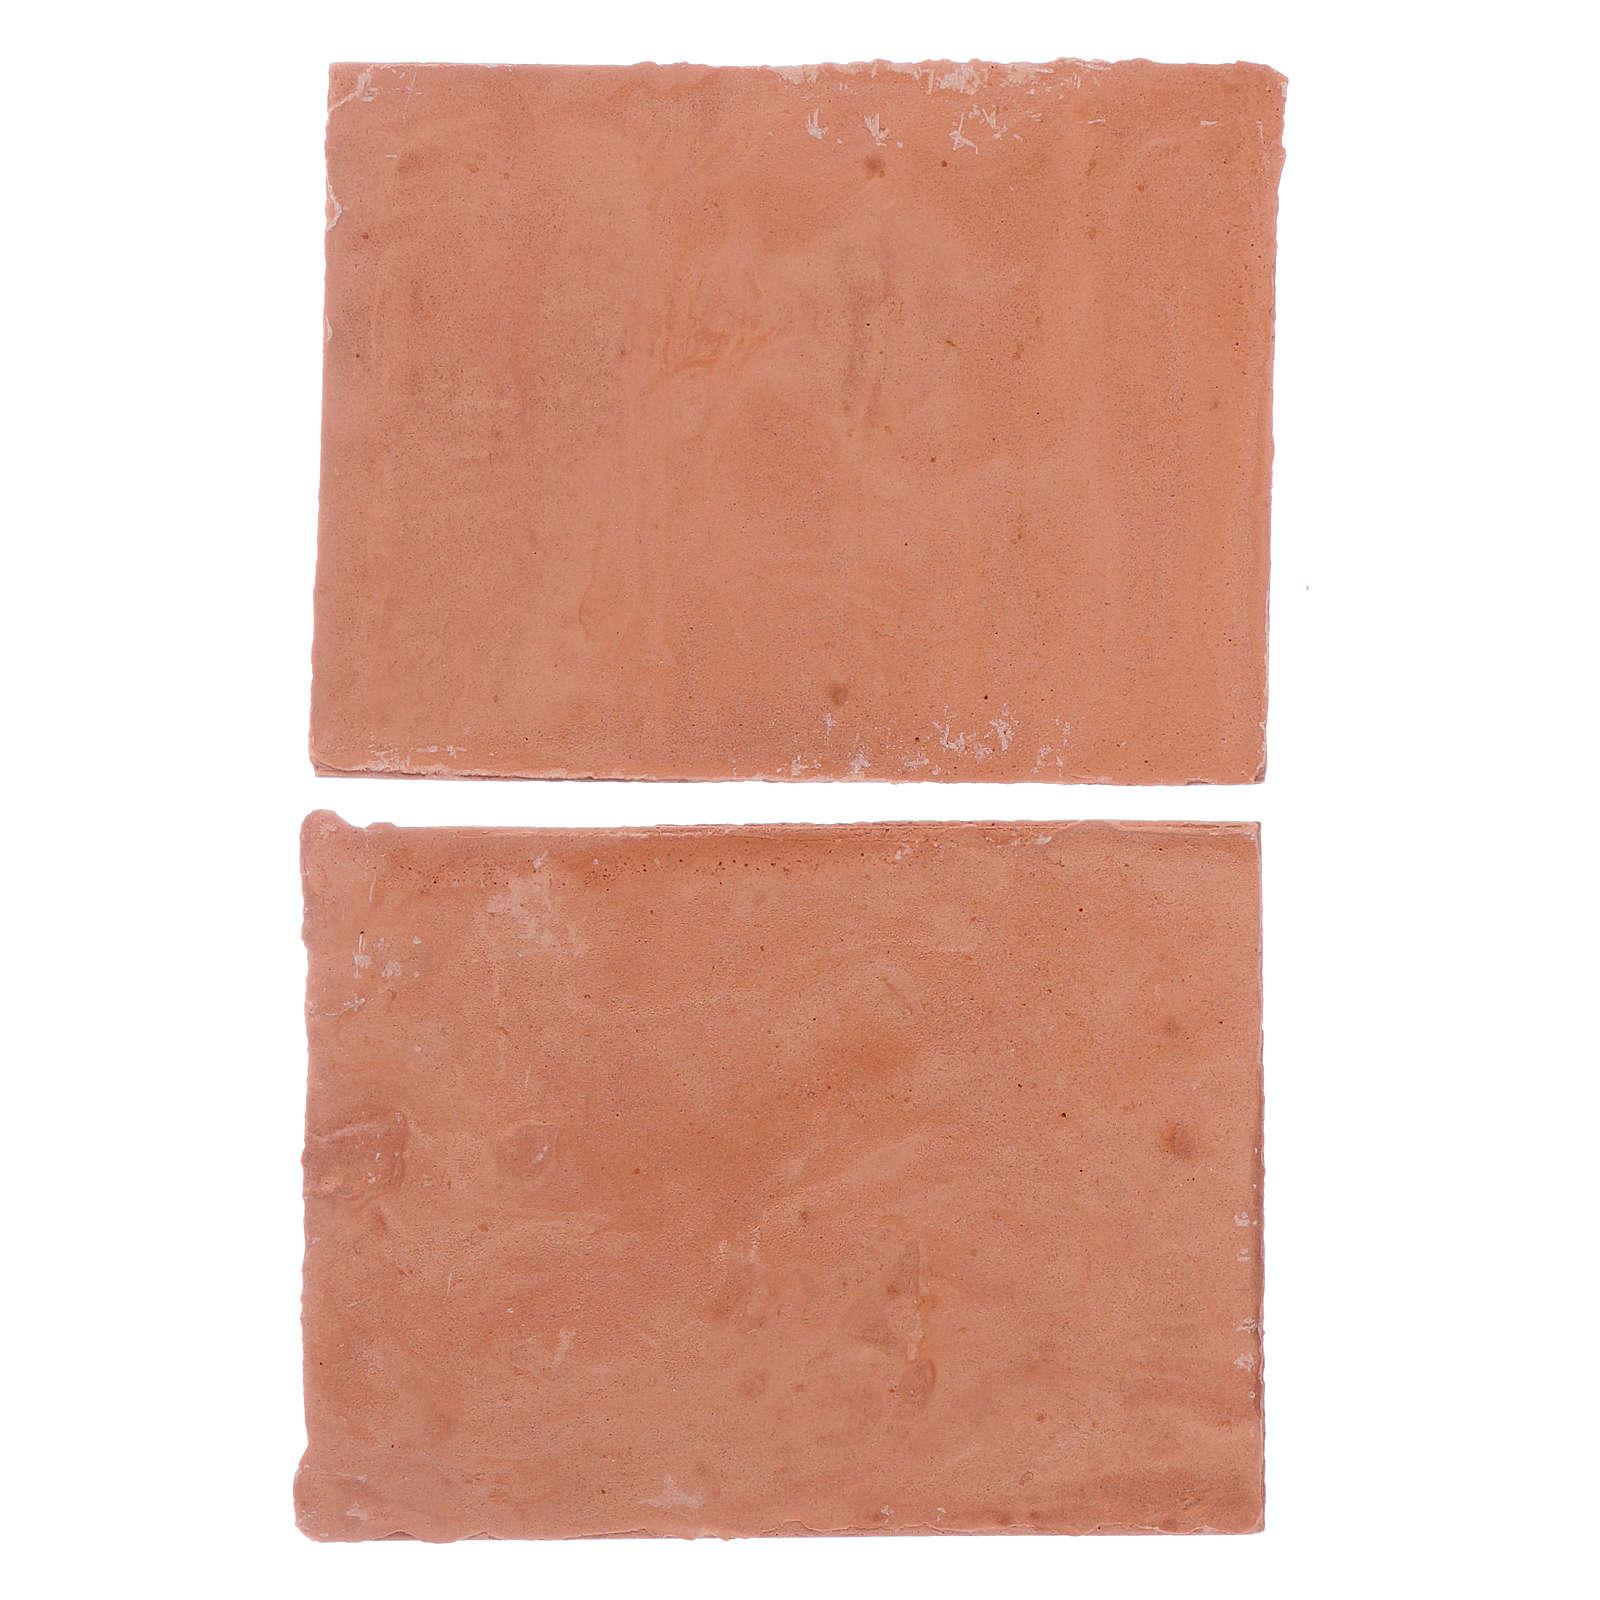 Tetto 5x5 cm in resina set 2 pezzi 4